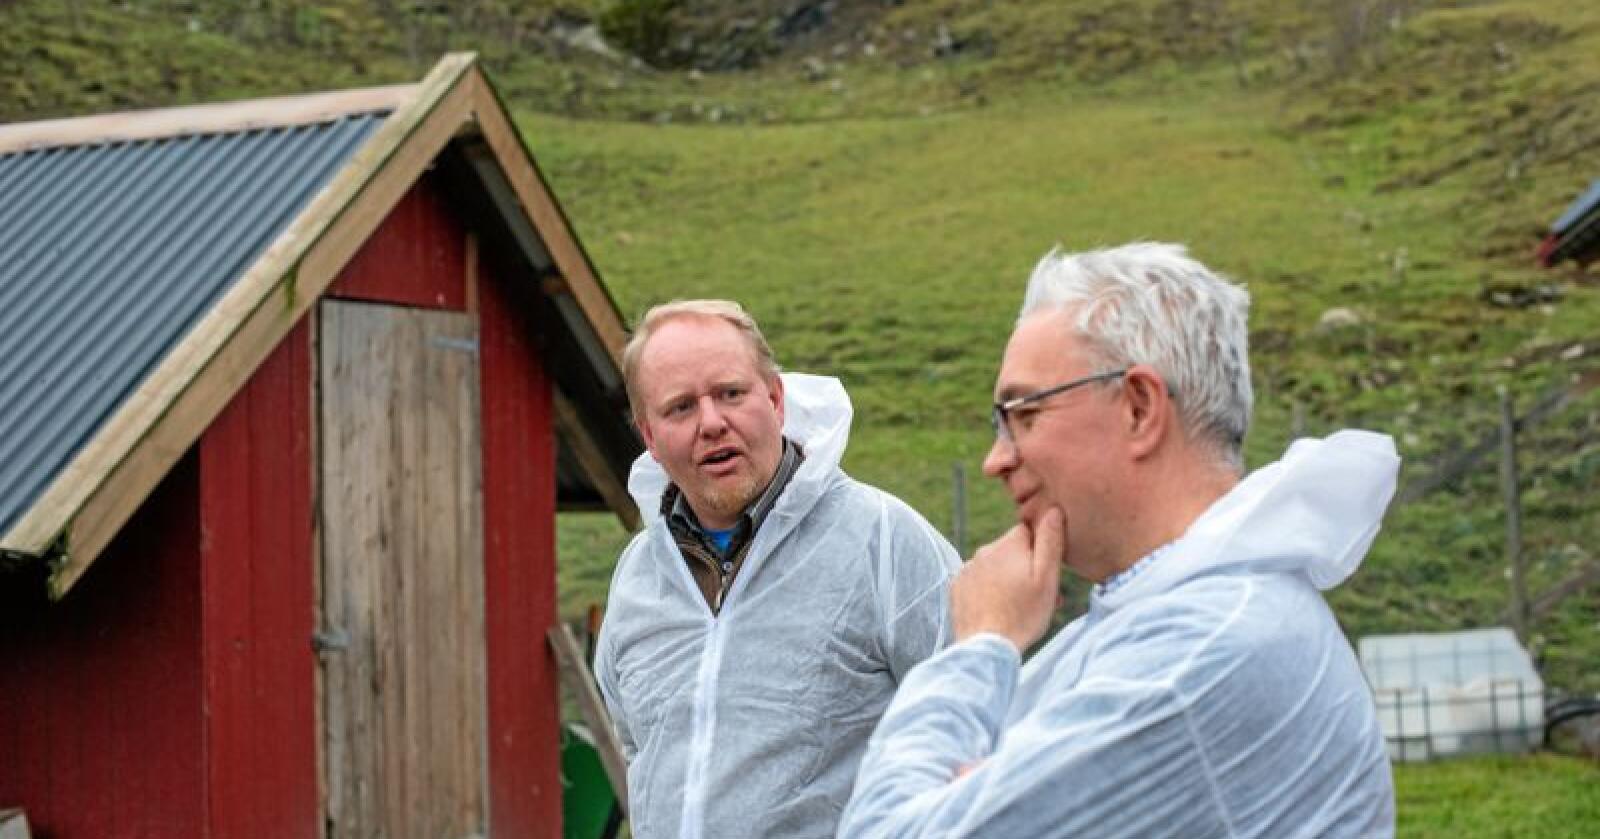 Fjernt fra virkeligheten: Det drar ikke velgere at Venstre-folk (André N. Skjelstad t.h) legger ned næringer de aldri har sett. Foto: Håvard Zeiner